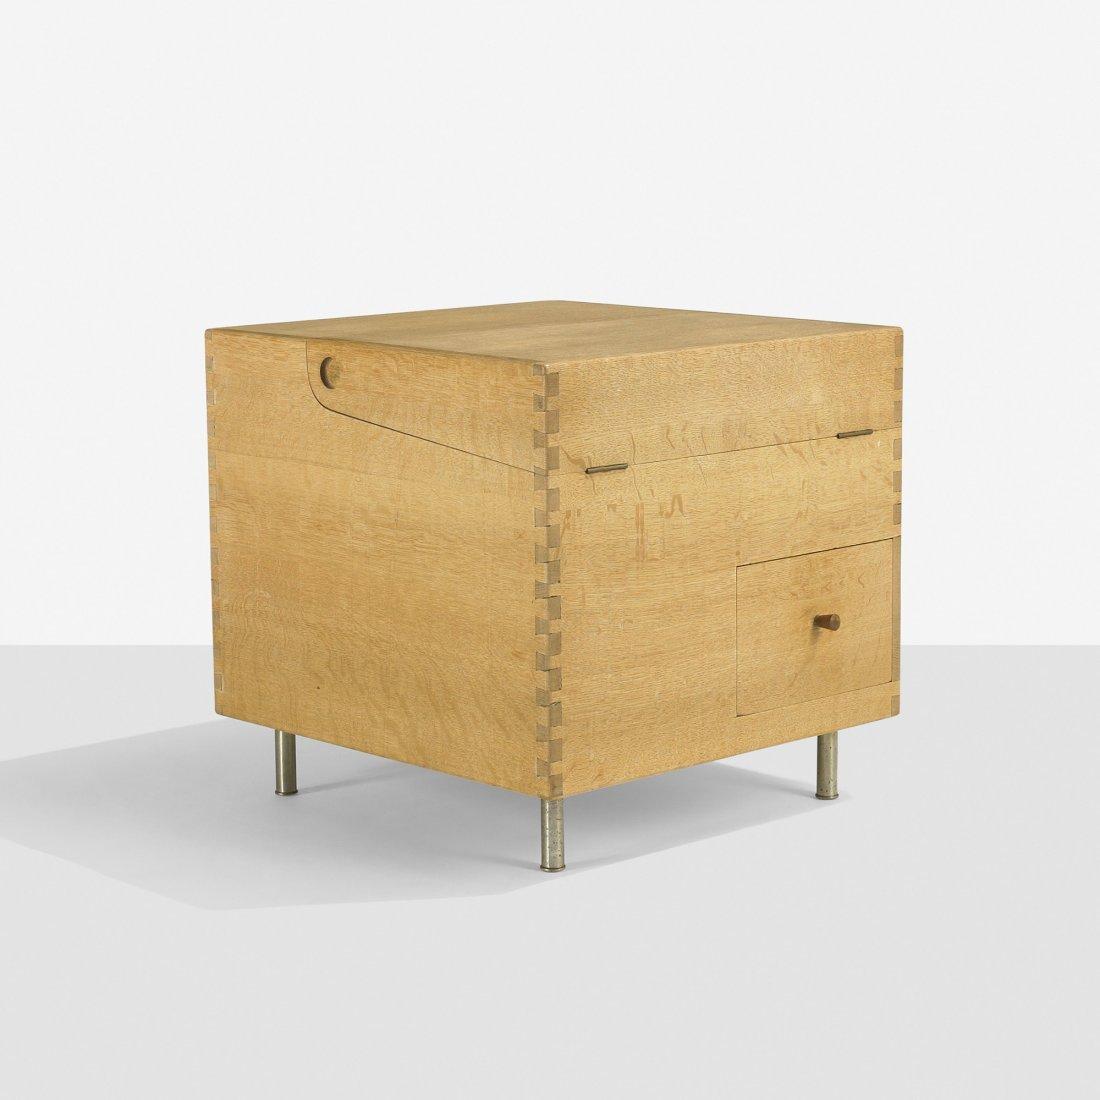 109: Hans Wegner Cube bar